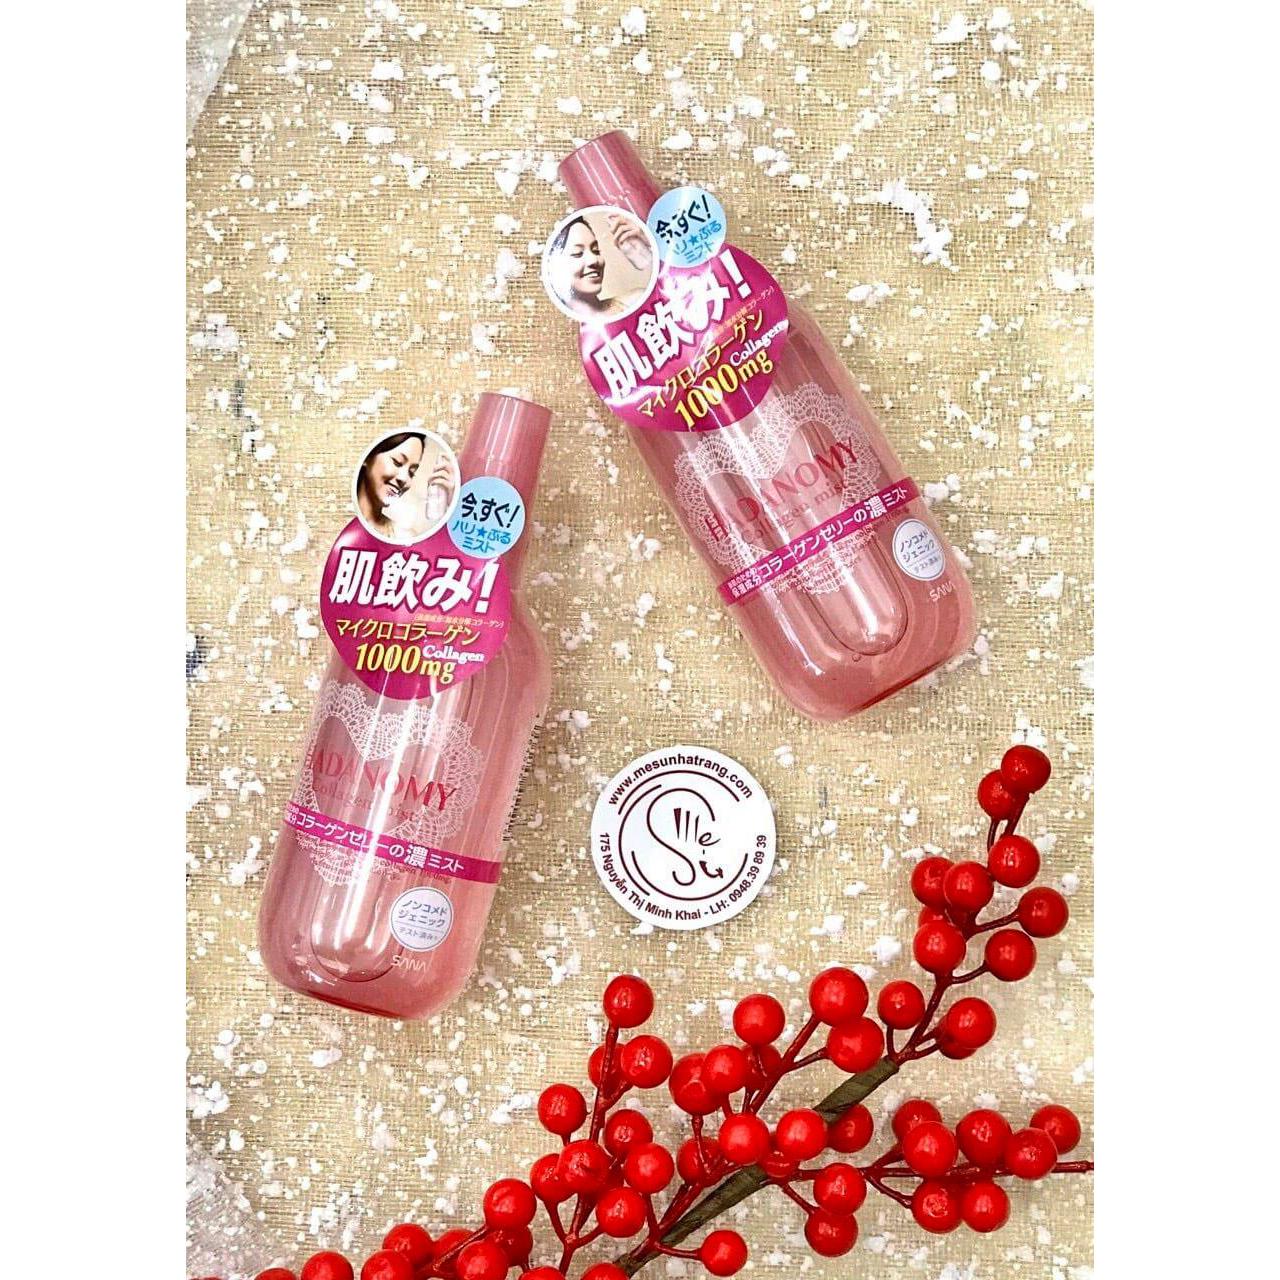 Hadanomy Collagen Mineral Spray